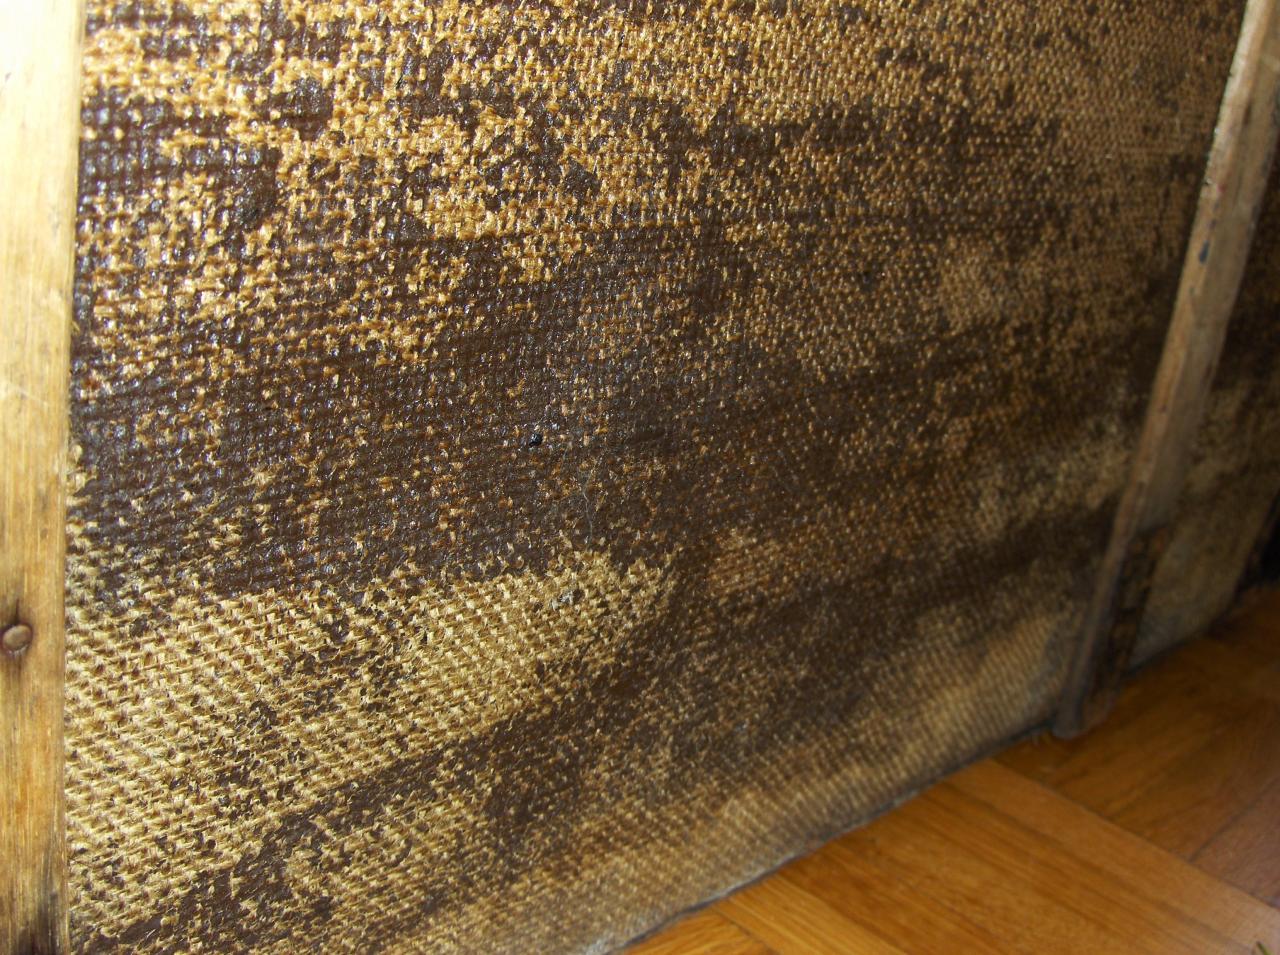 R novation d 39 une ancienne malle en bois - Comment nettoyer des champignons des bois ...